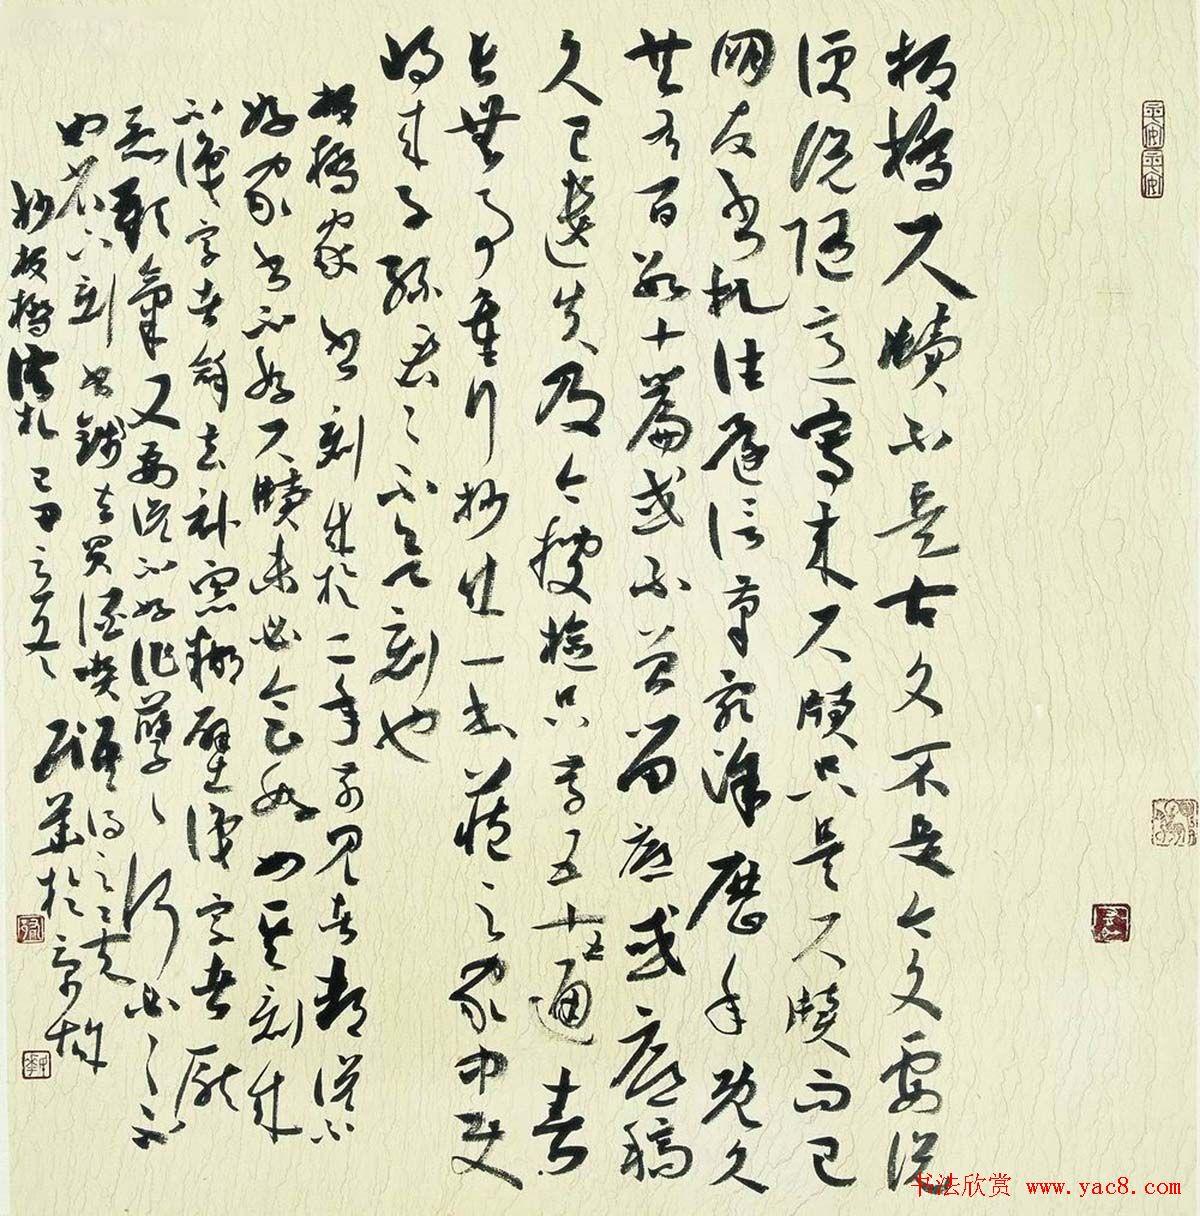 北京十人书画小品展览作品